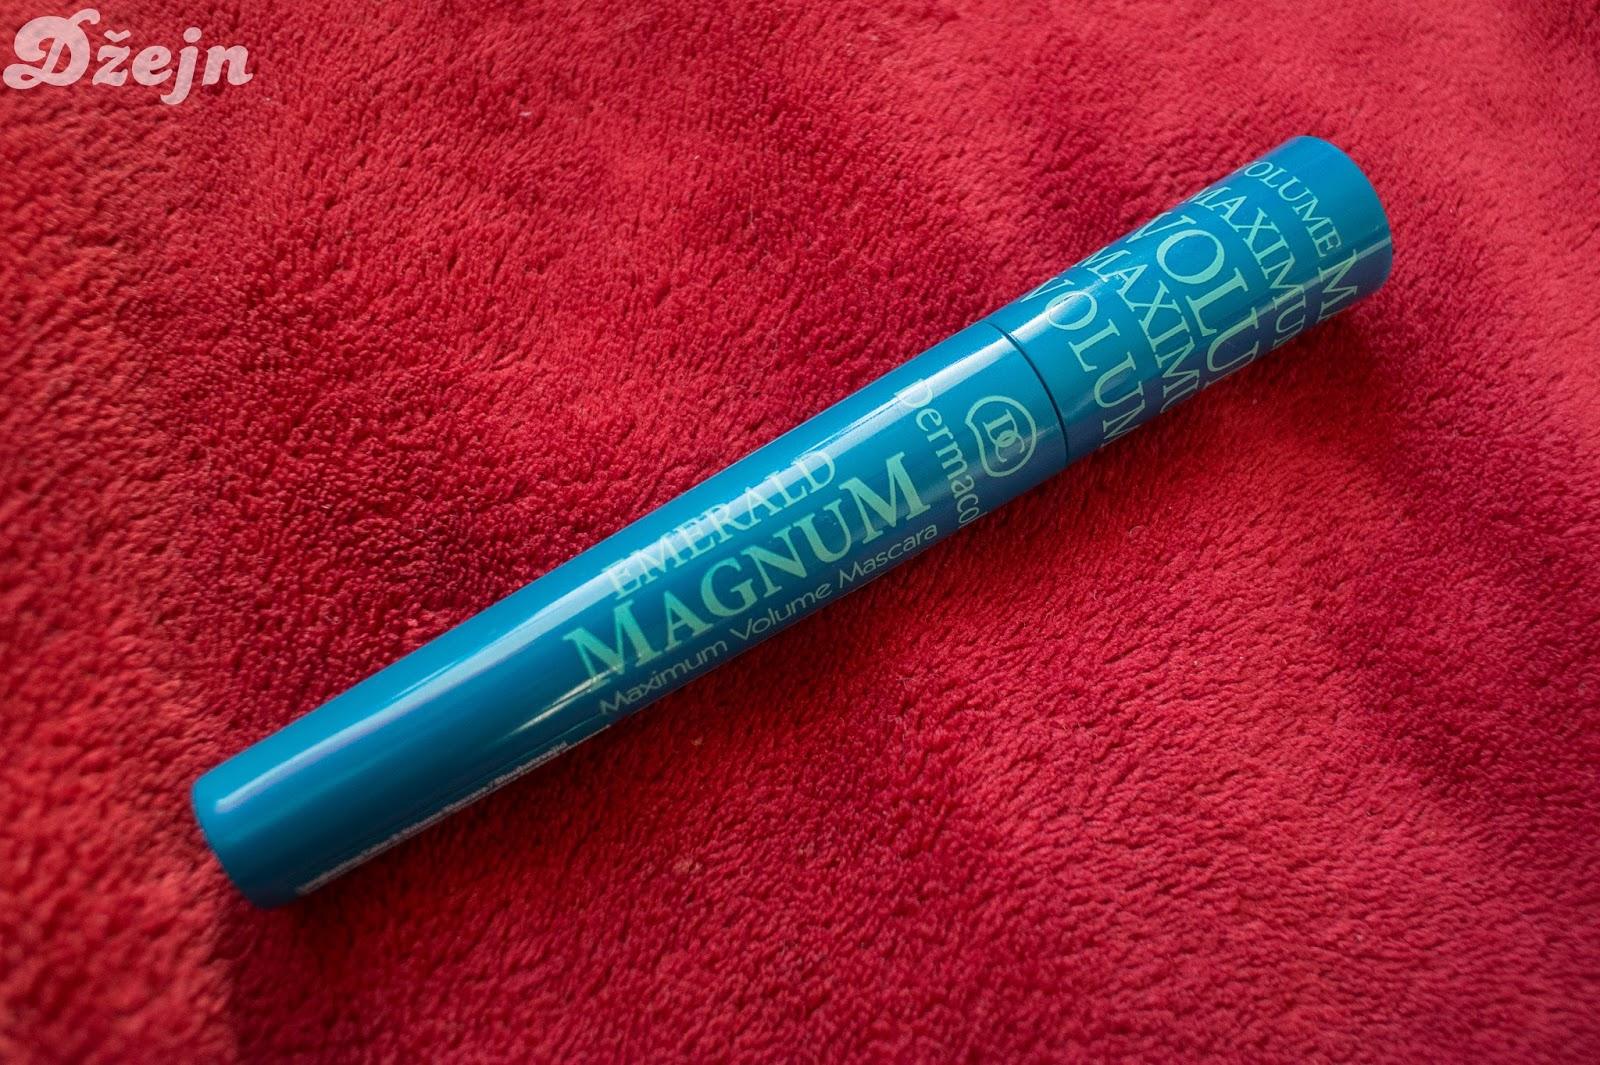 Dermacol Emerald Magnum Mascara